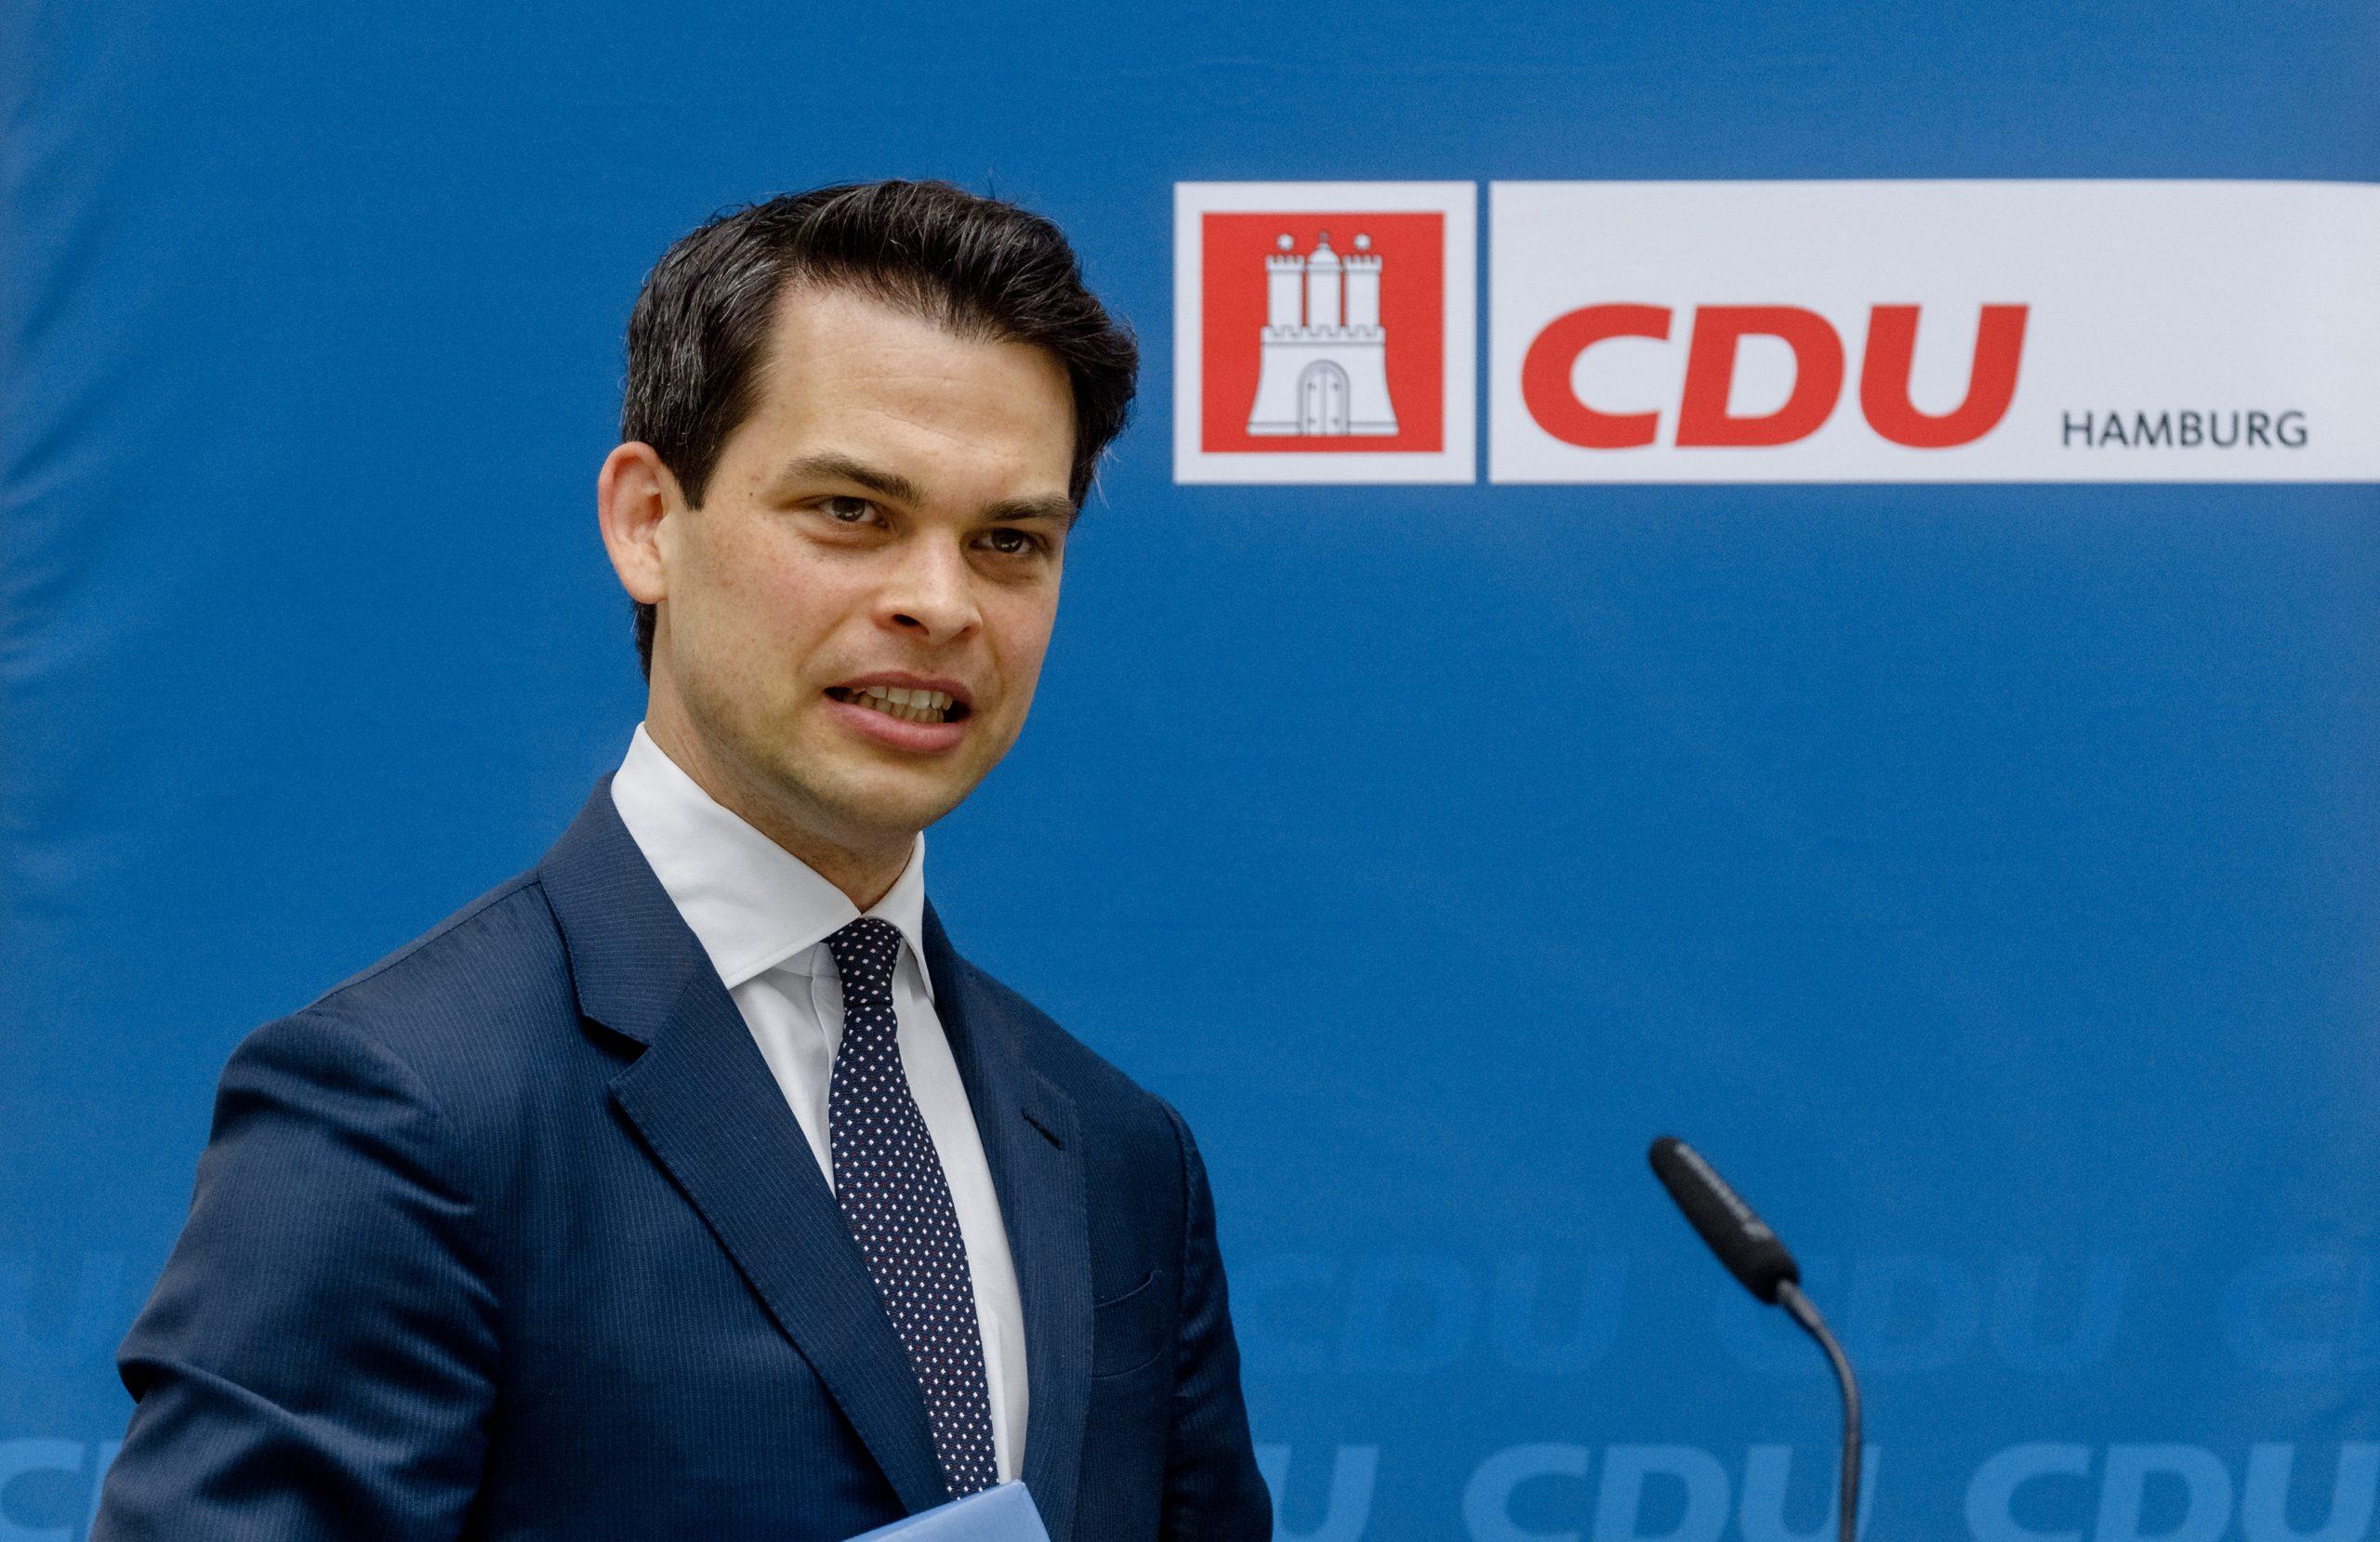 Christoph Ploß, Hamburger CDU-Vorsitzender, sieht seine Partei derzeit in der Offensive.